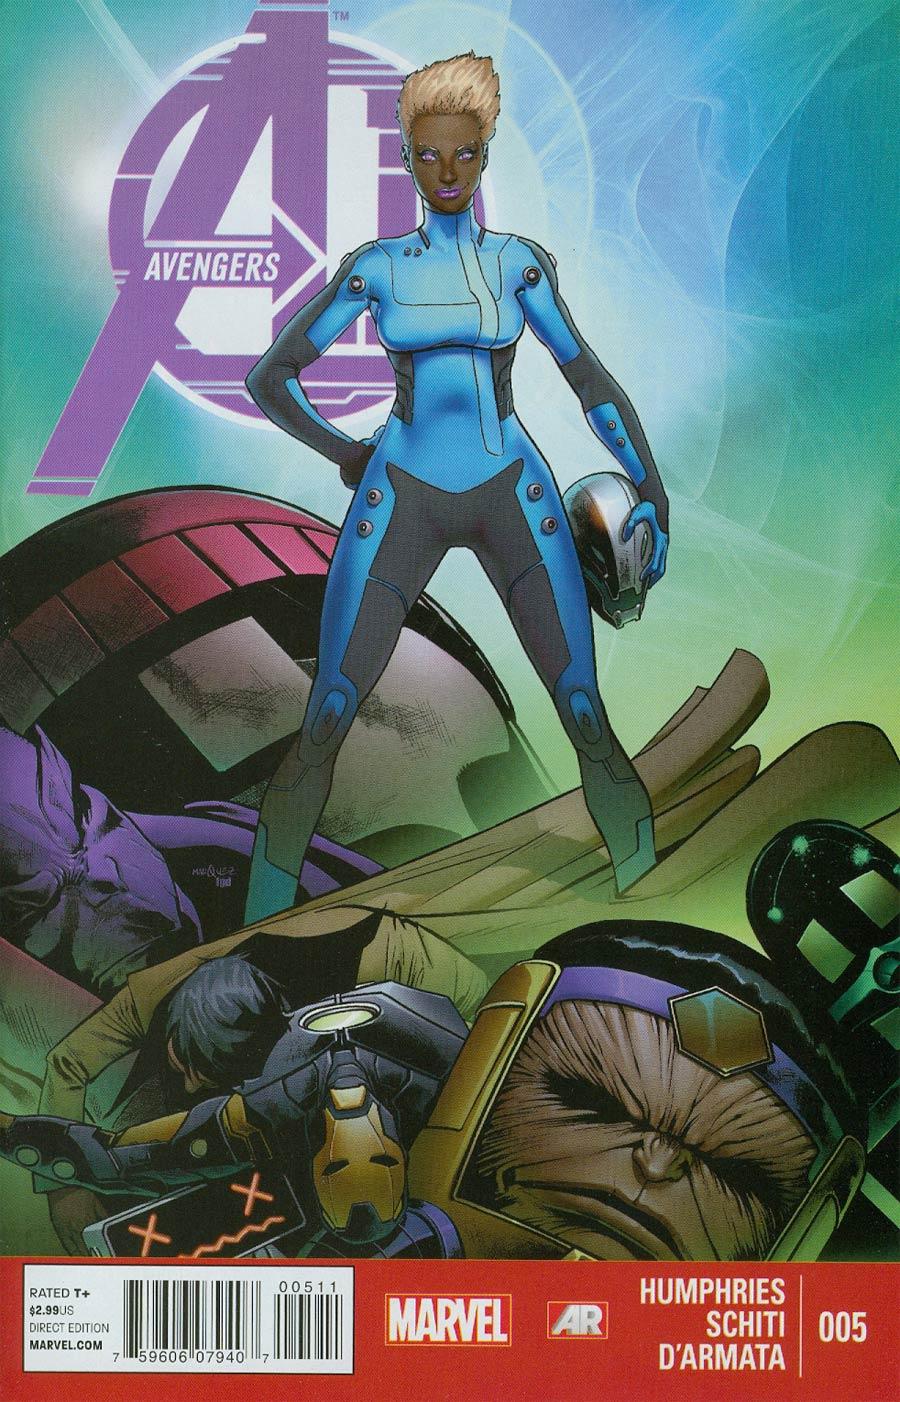 Avengers AI #5 Cover A Regular Dave Marquez Cover